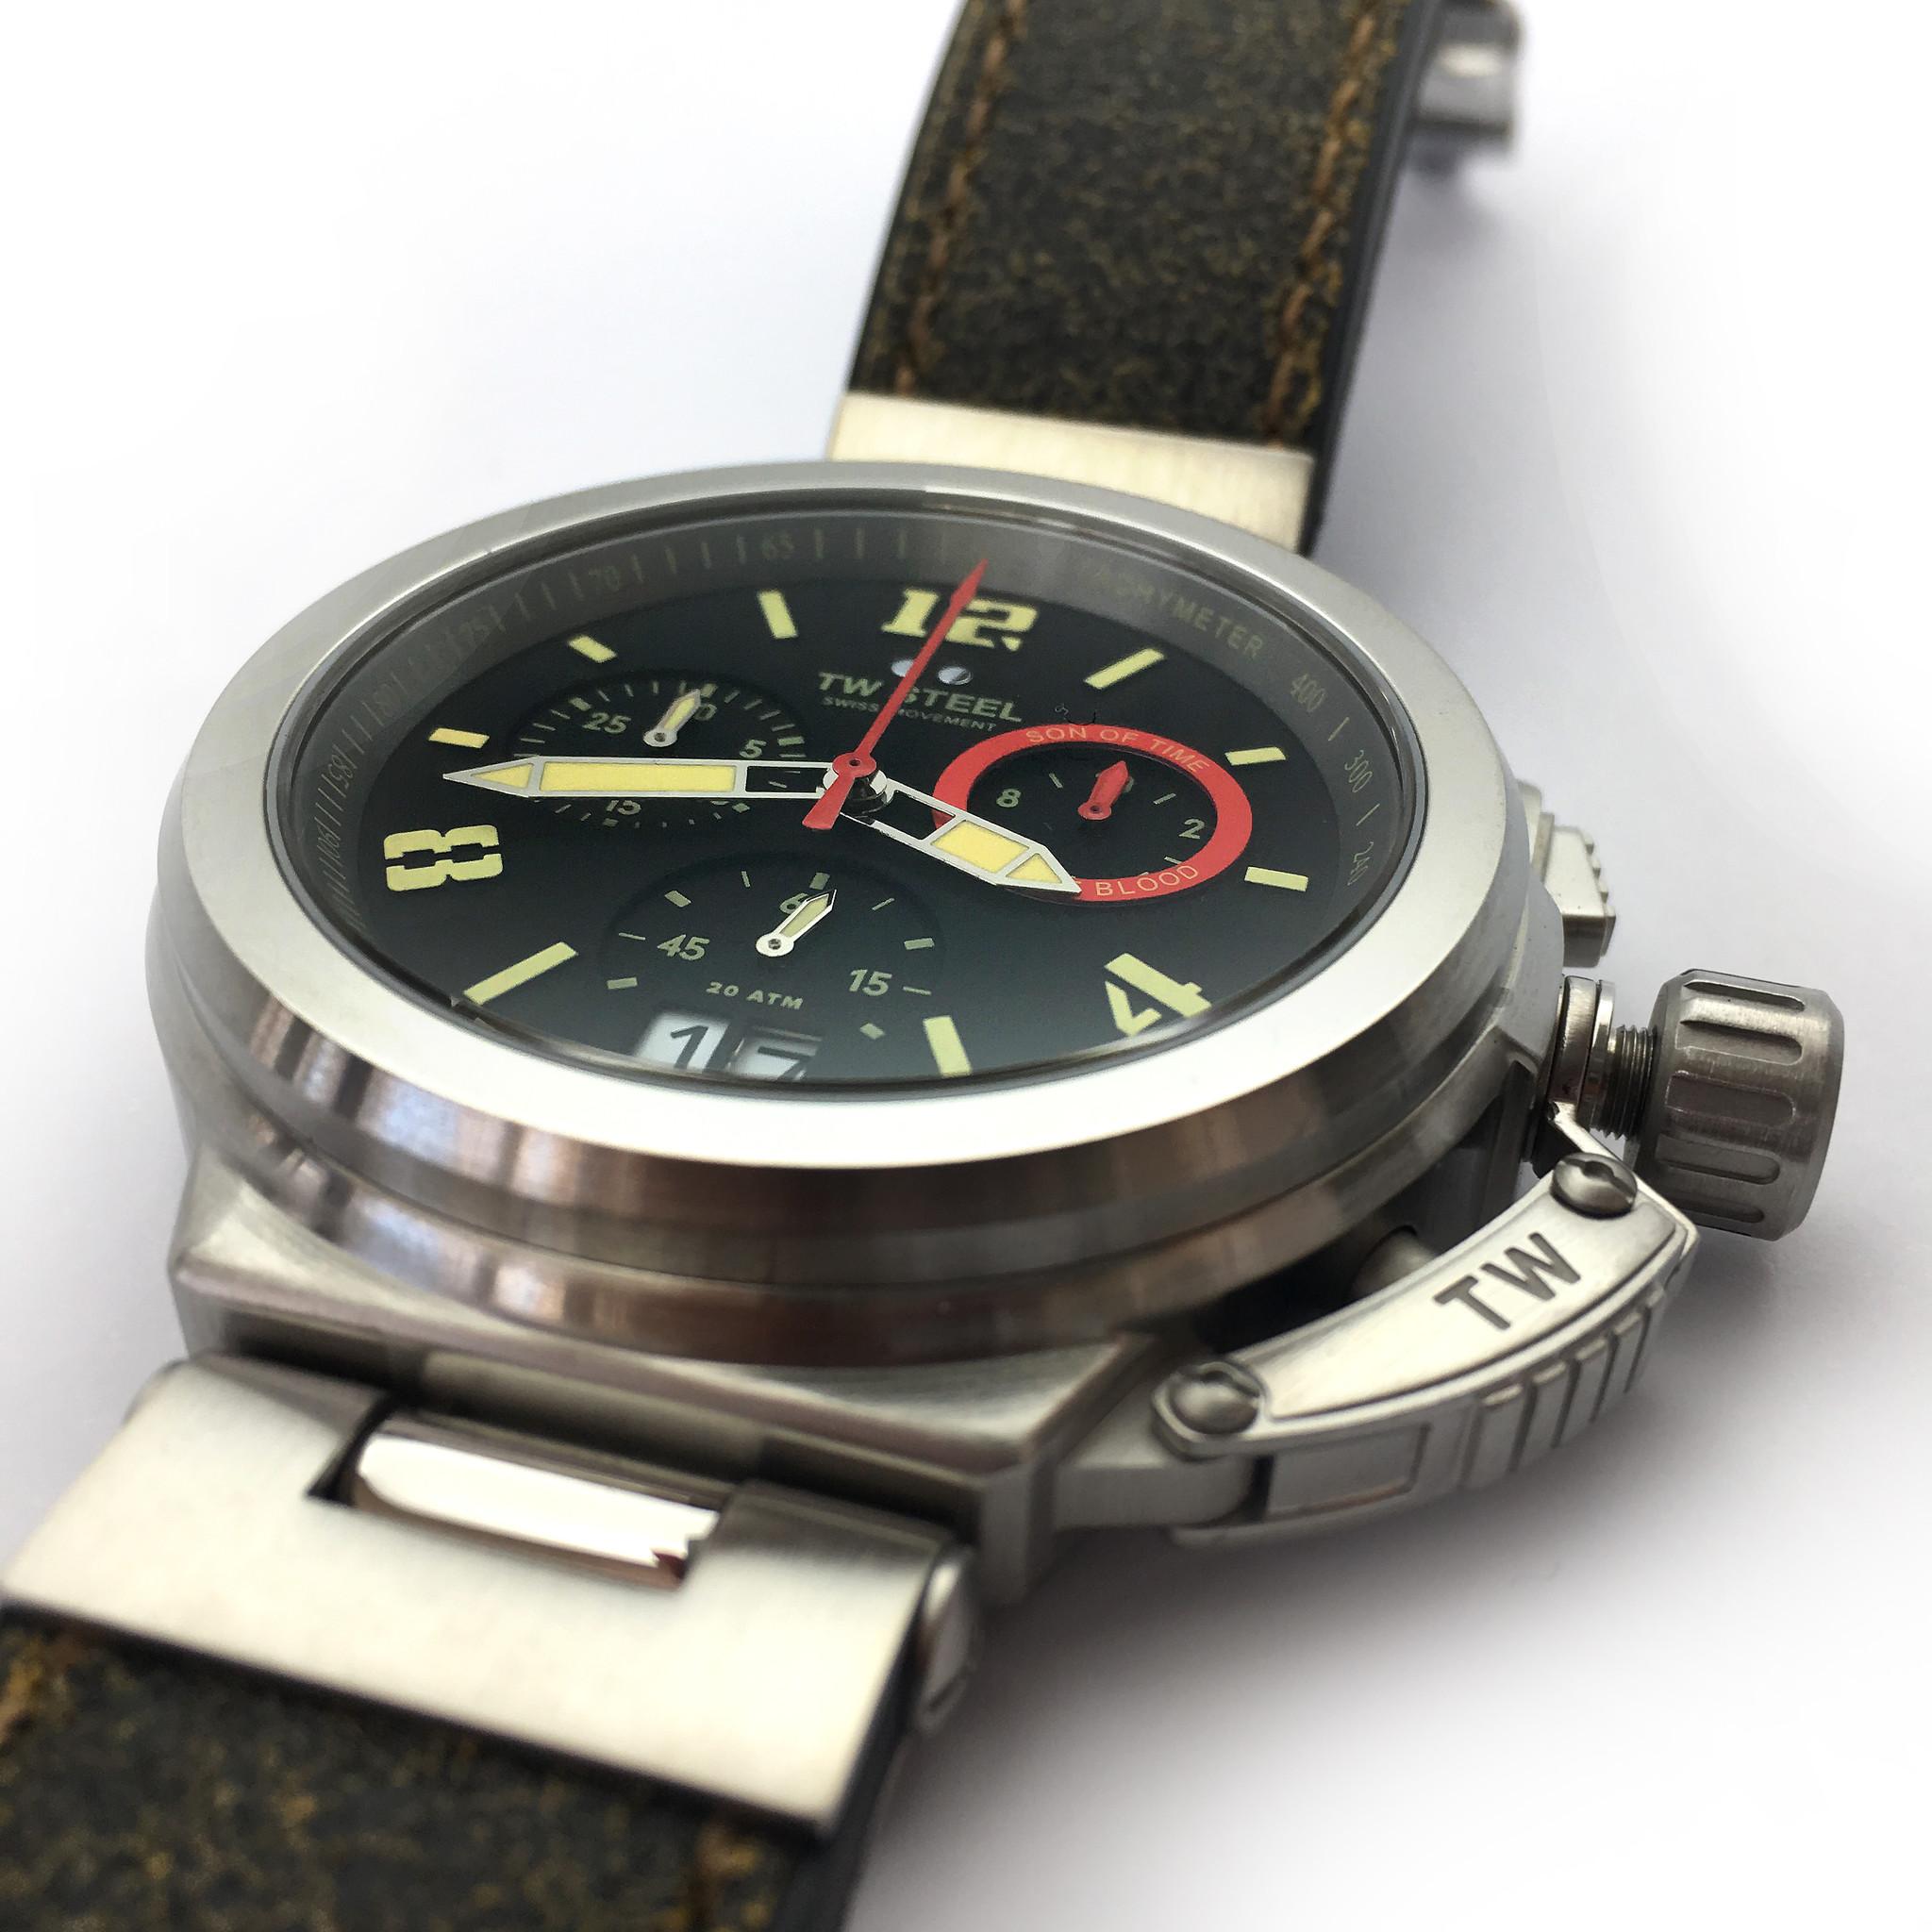 TW Steel tw999 horloge leverbaar bij WatchXL